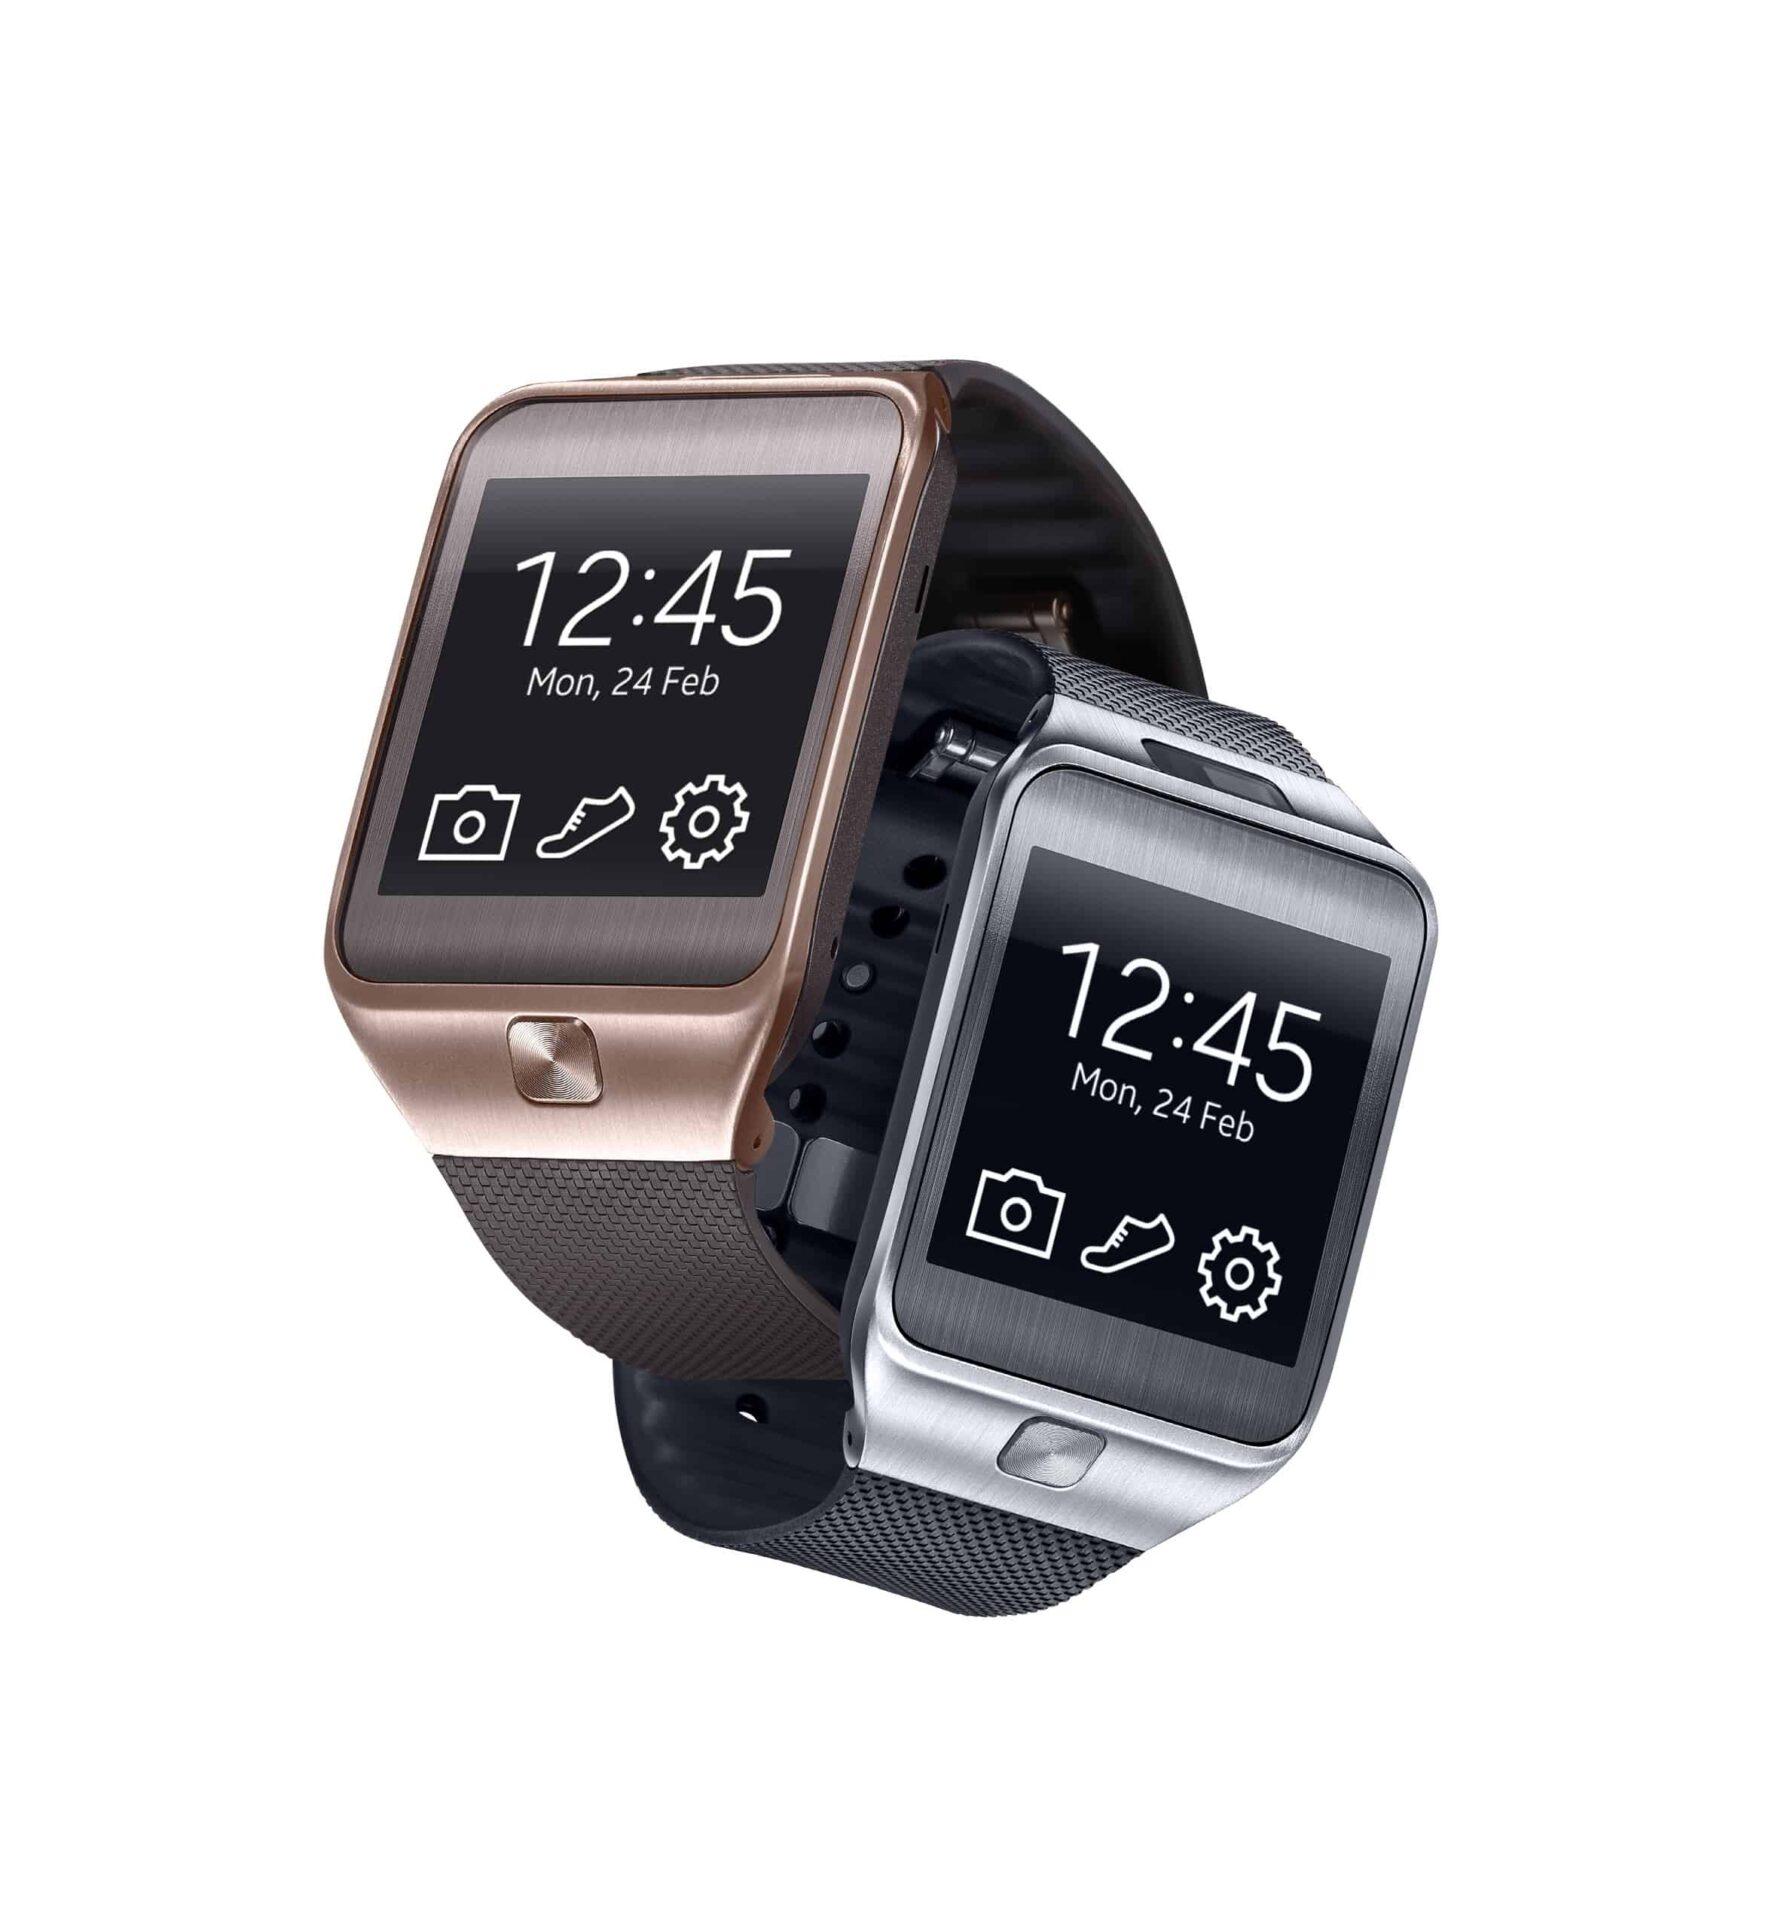 Con la nuova generazione di Samsung Gear 2 liberi di comunicare dovunque vi troviate!